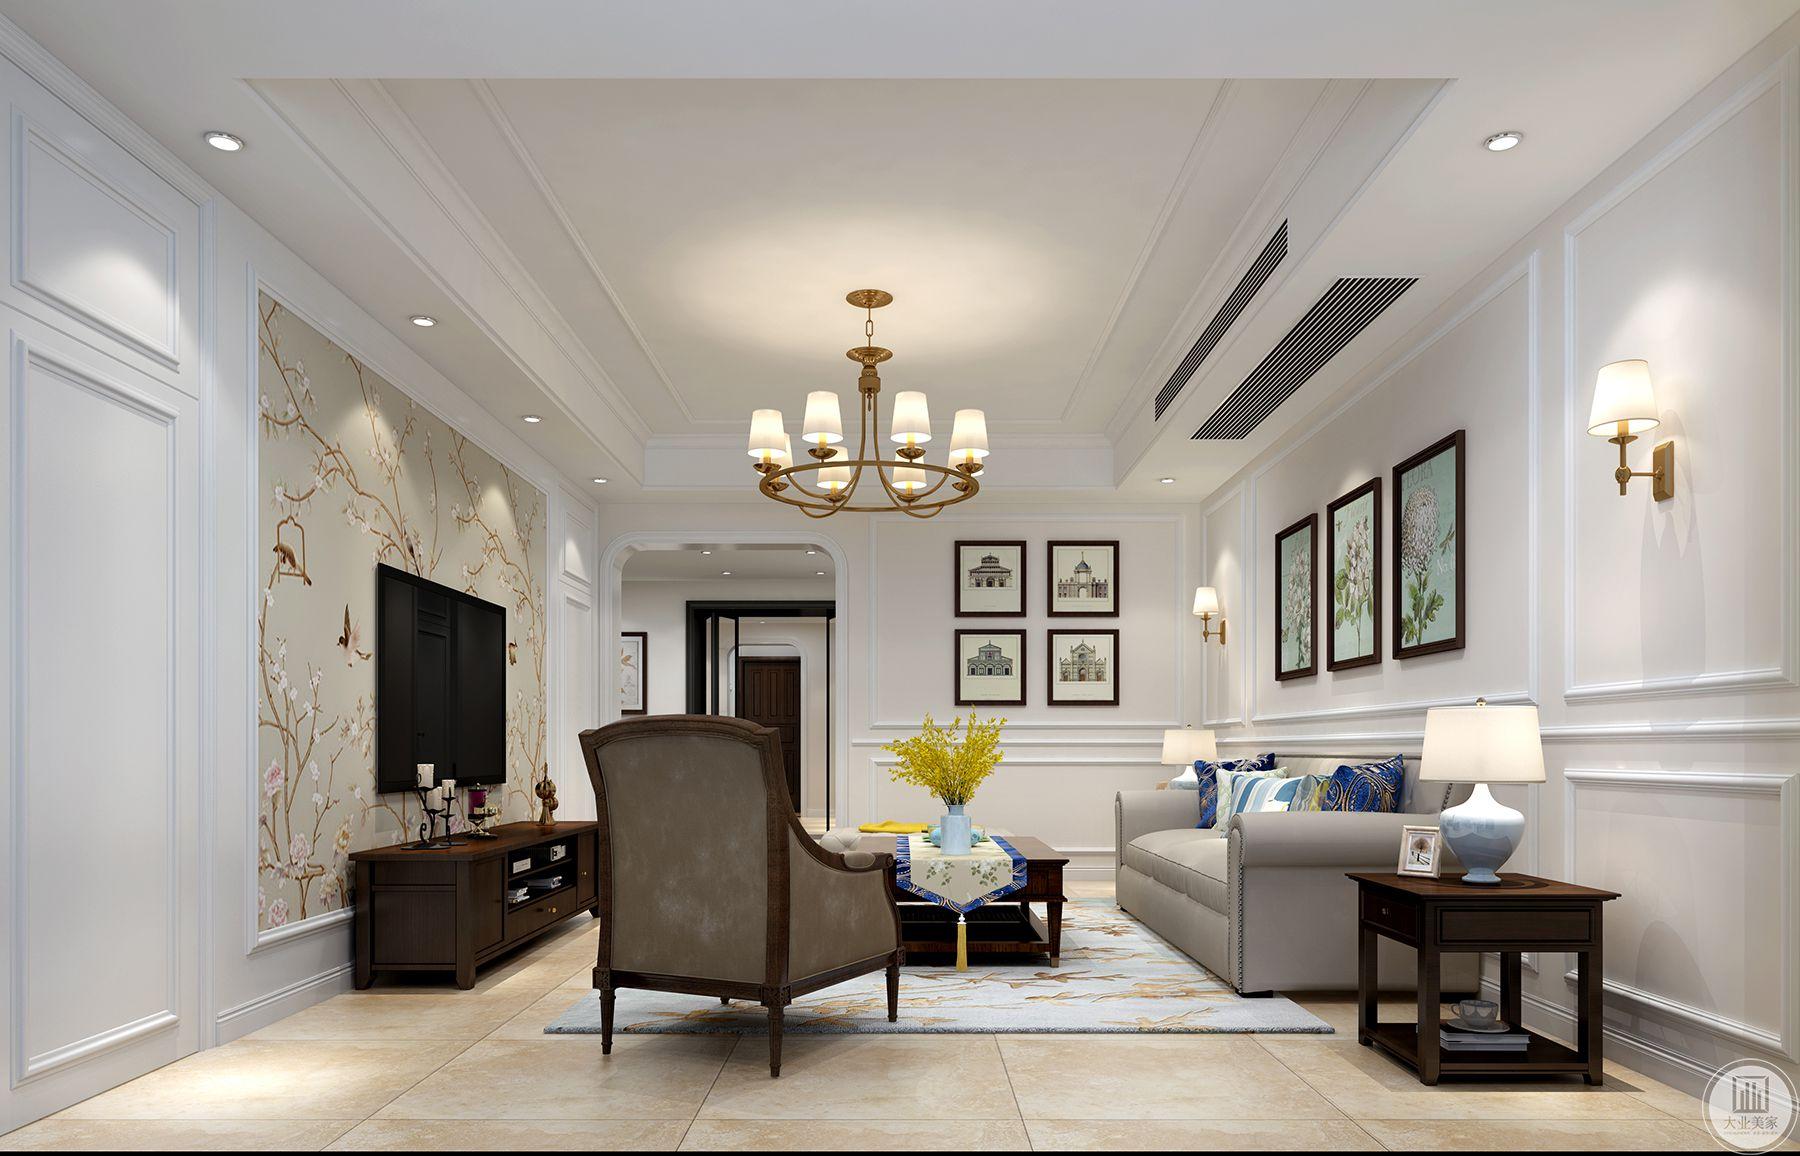 客厅我们把原有的阳台给扩进来,这样客厅比较大,来客人的话这样空间会更舒服。